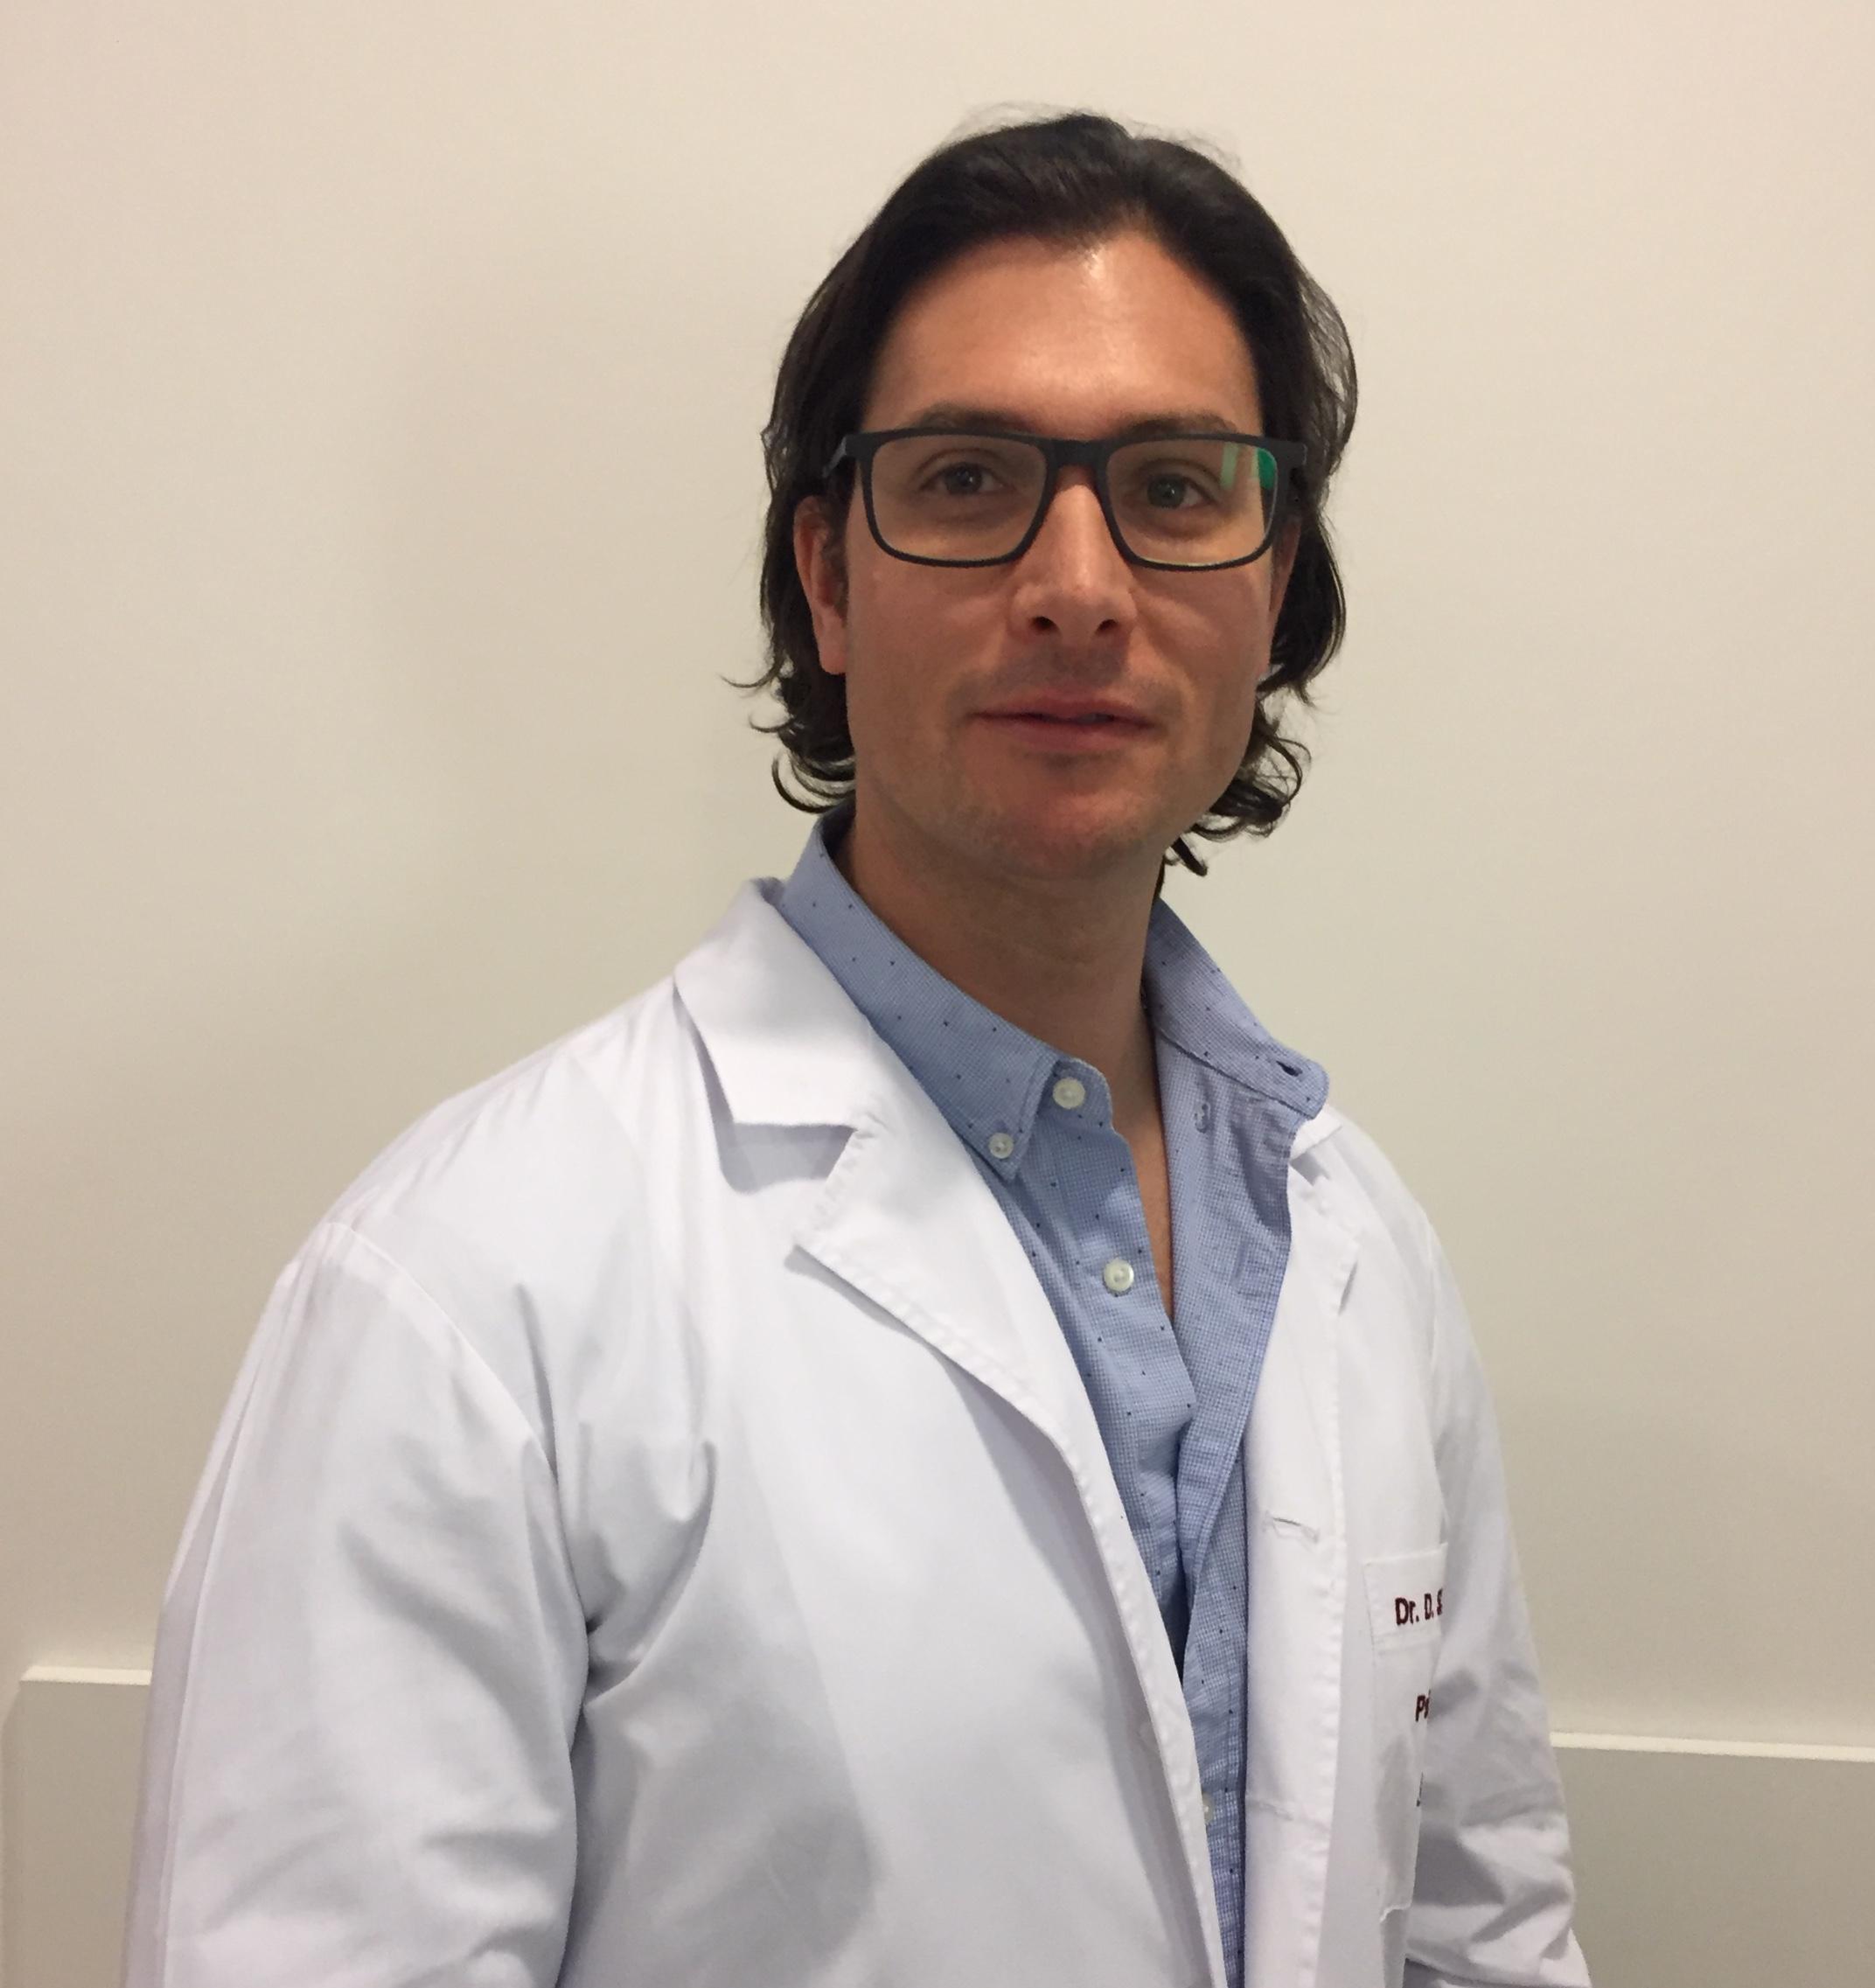 Dr. Acevedo Daniel